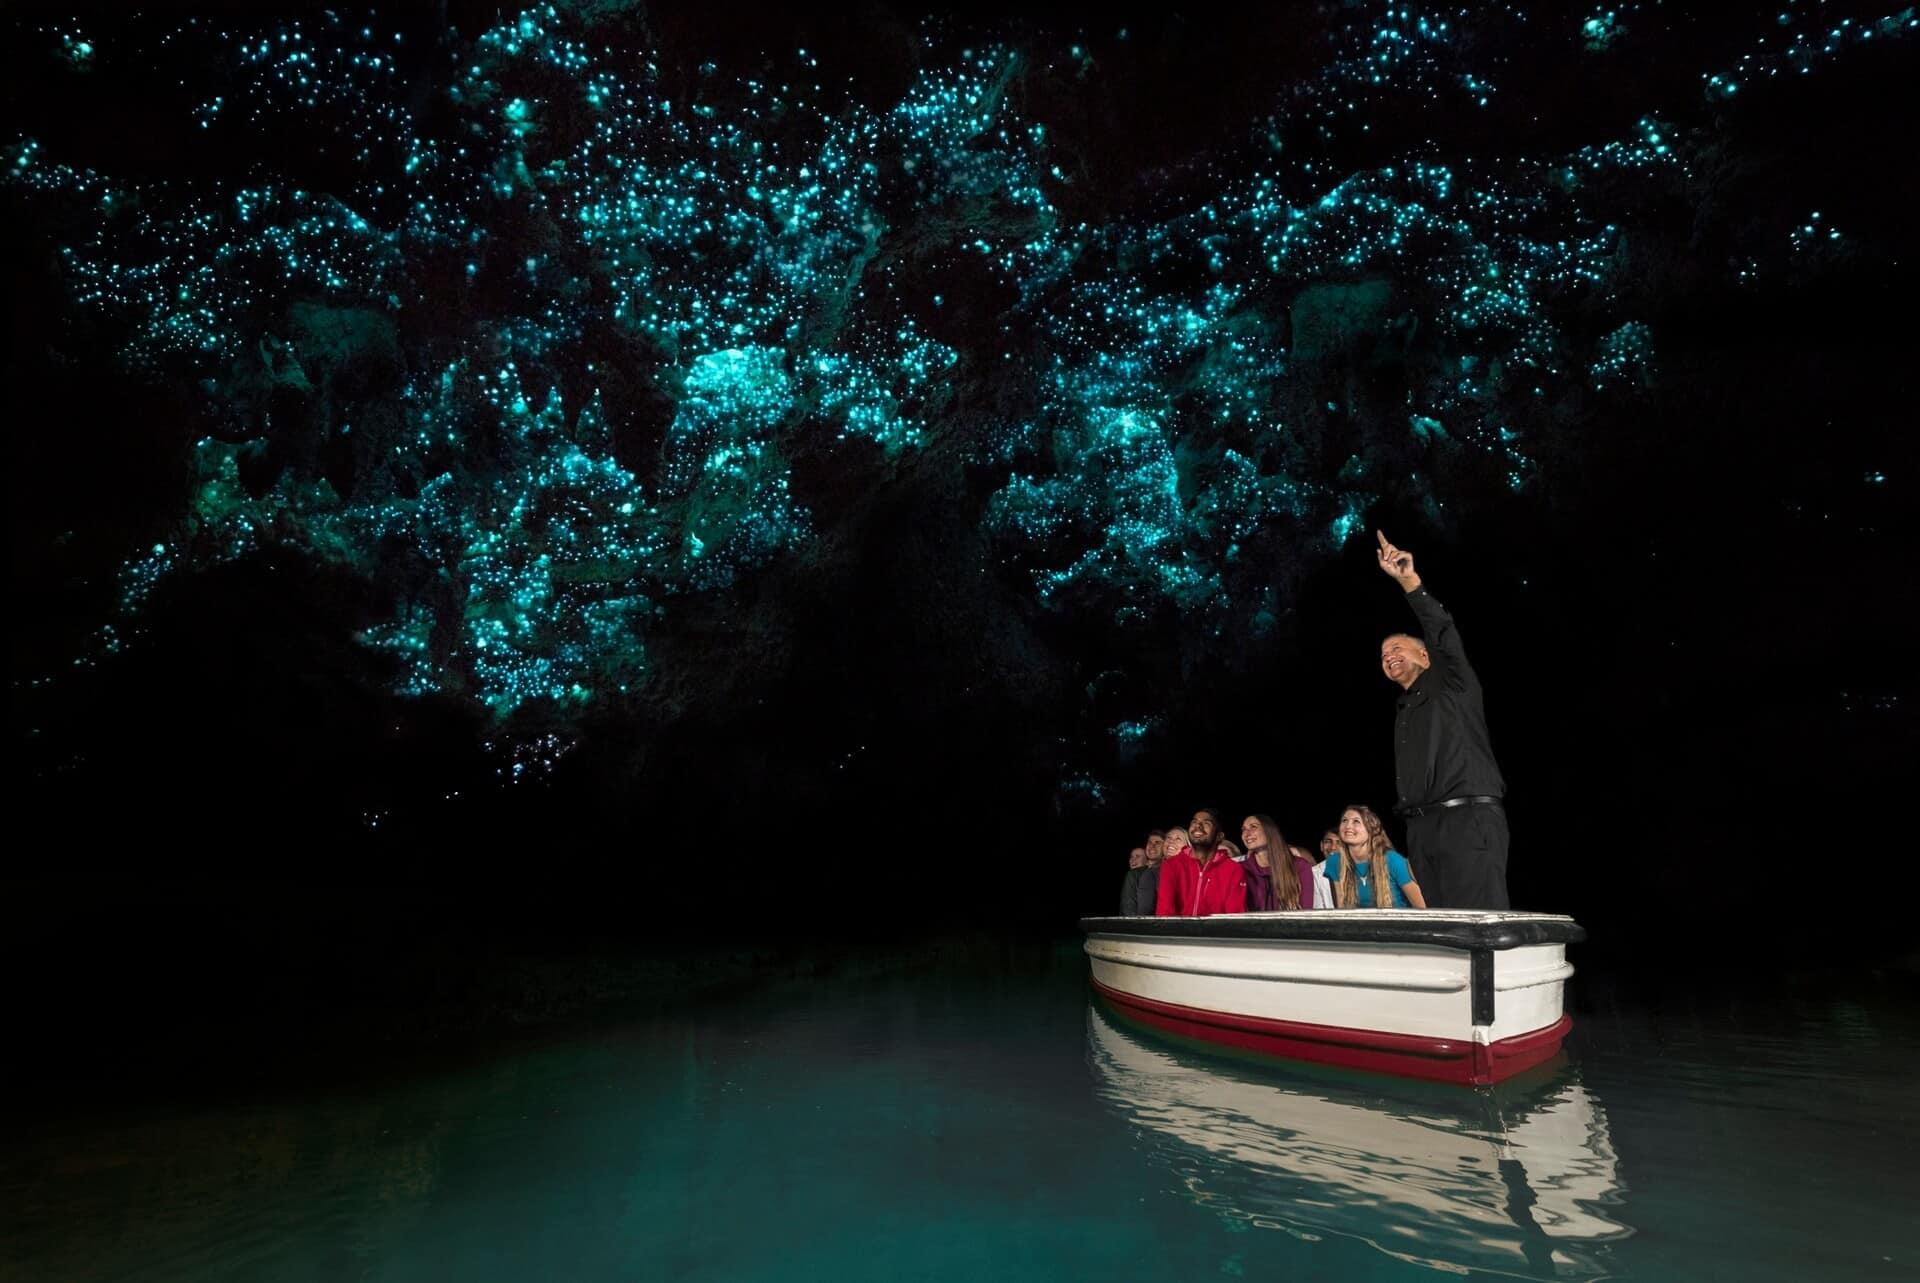 Glowworm caves, cueva de luciernagas en nueva zelanda